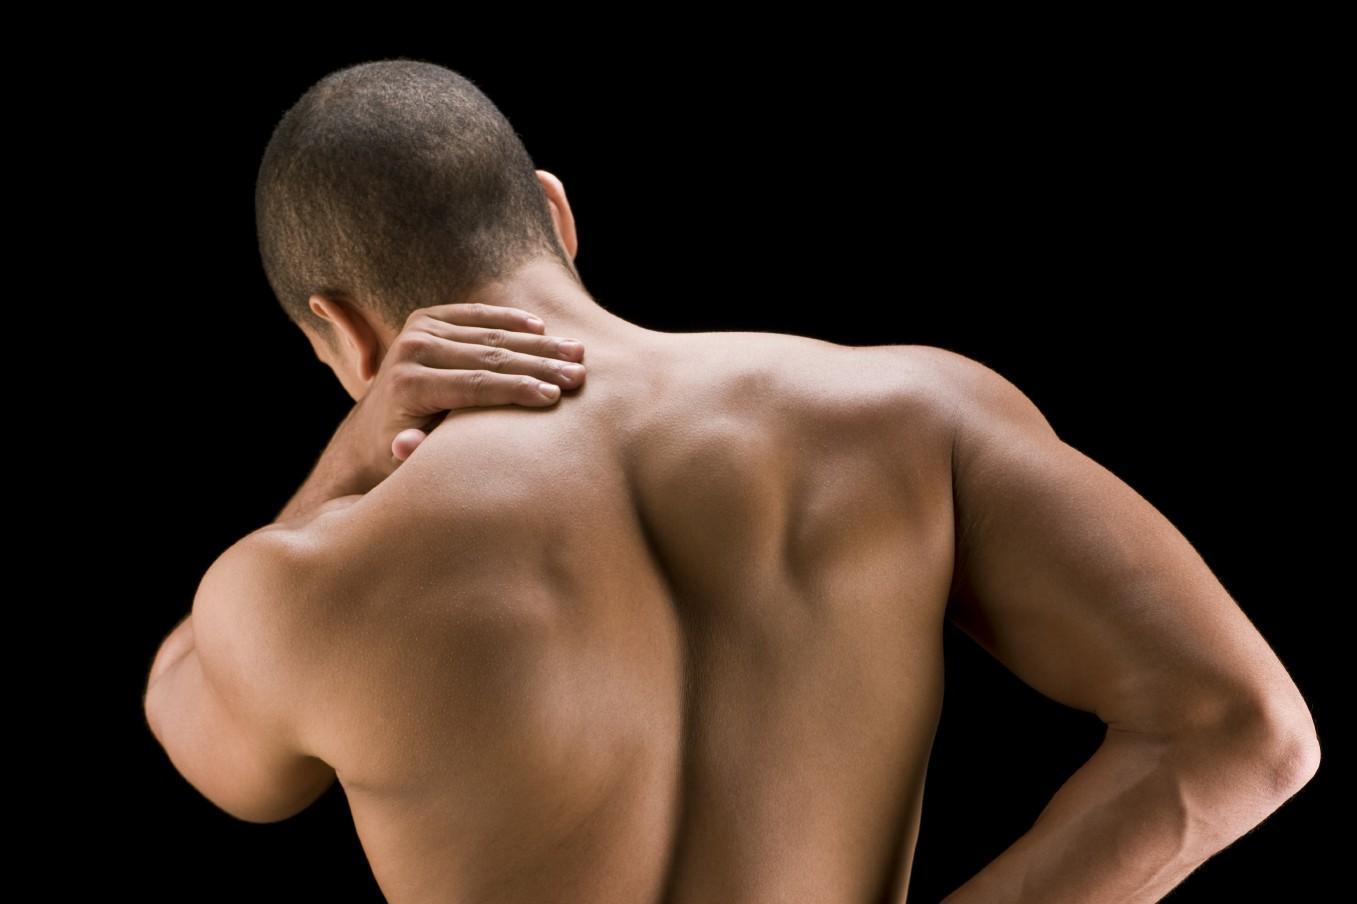 Trattamento vsd osteochondrosis cervicale